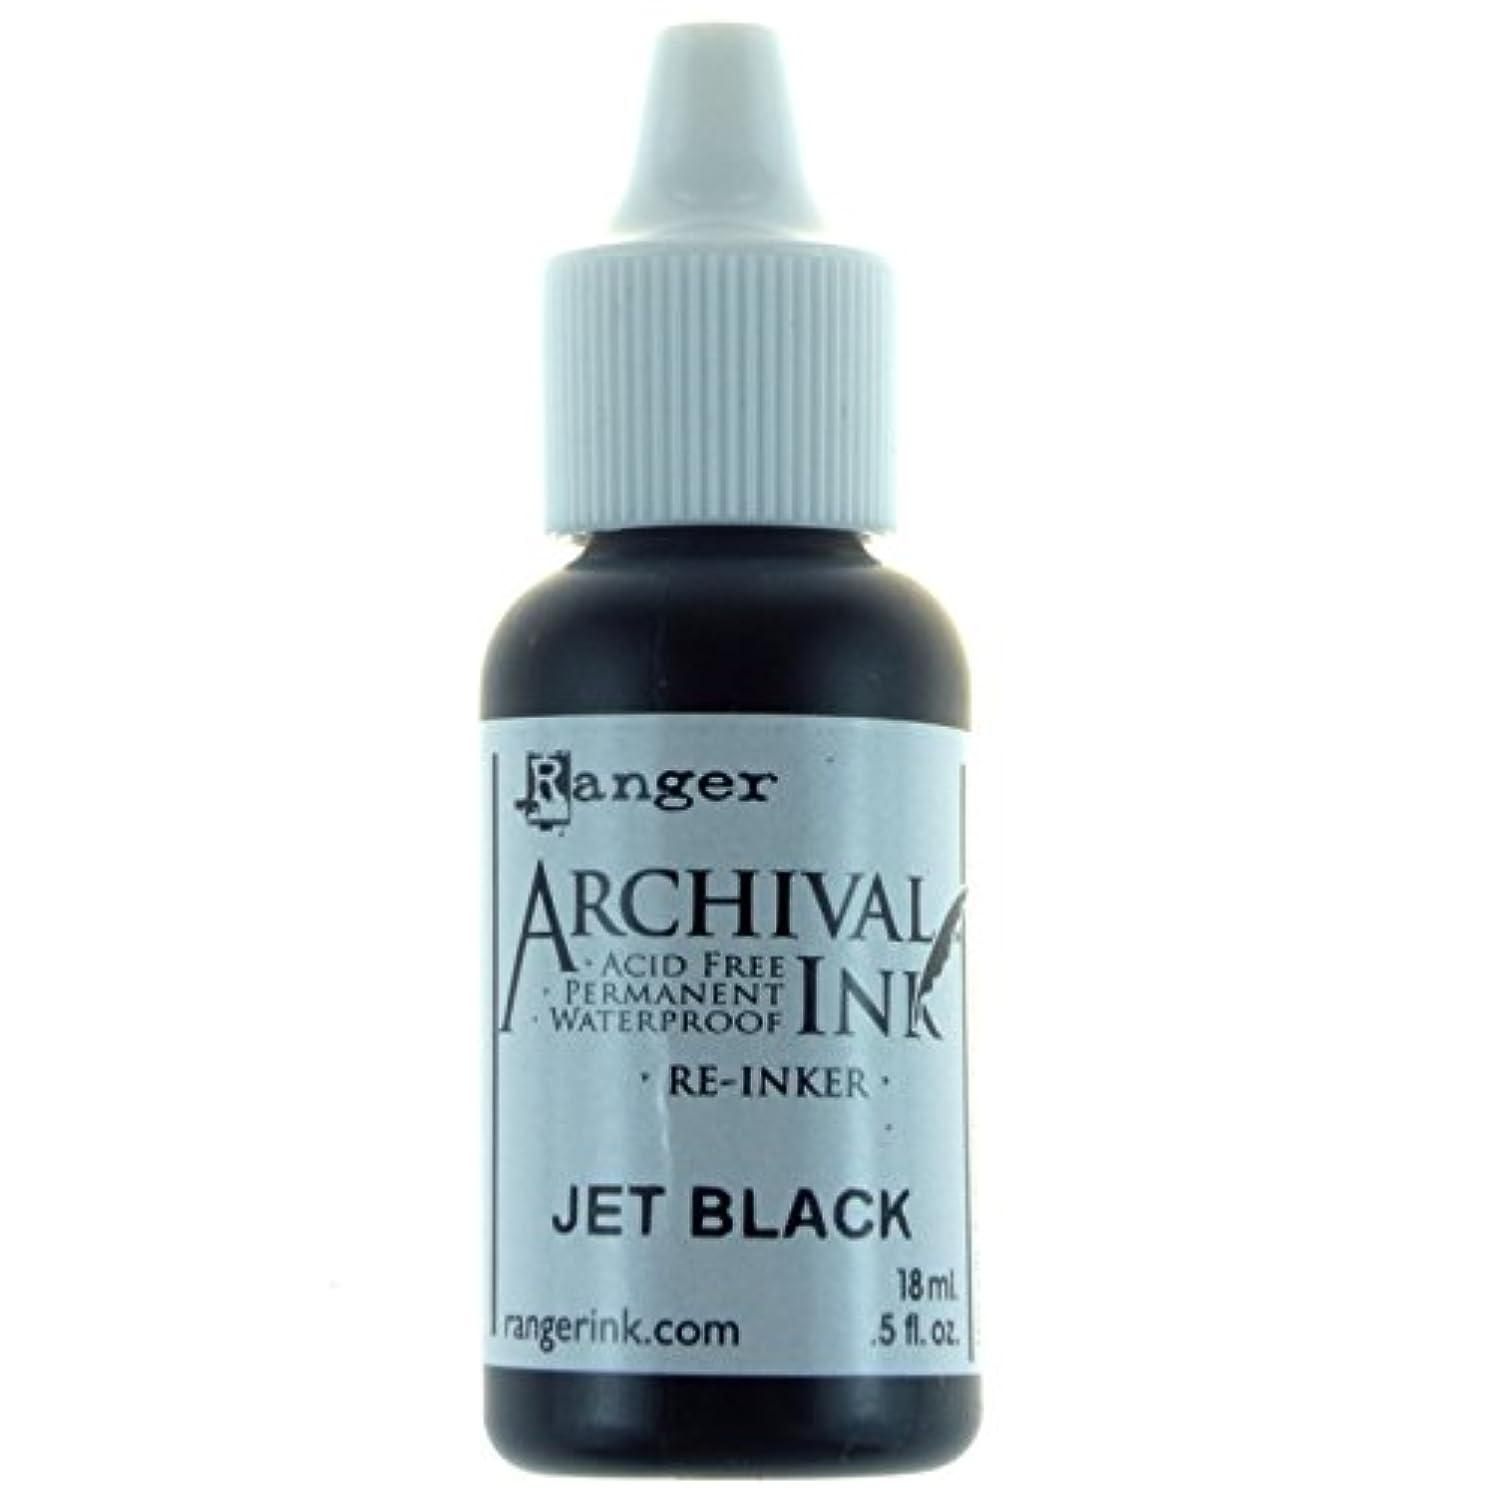 Ranger ARR5-30799 Reinker Archival, Jet Black